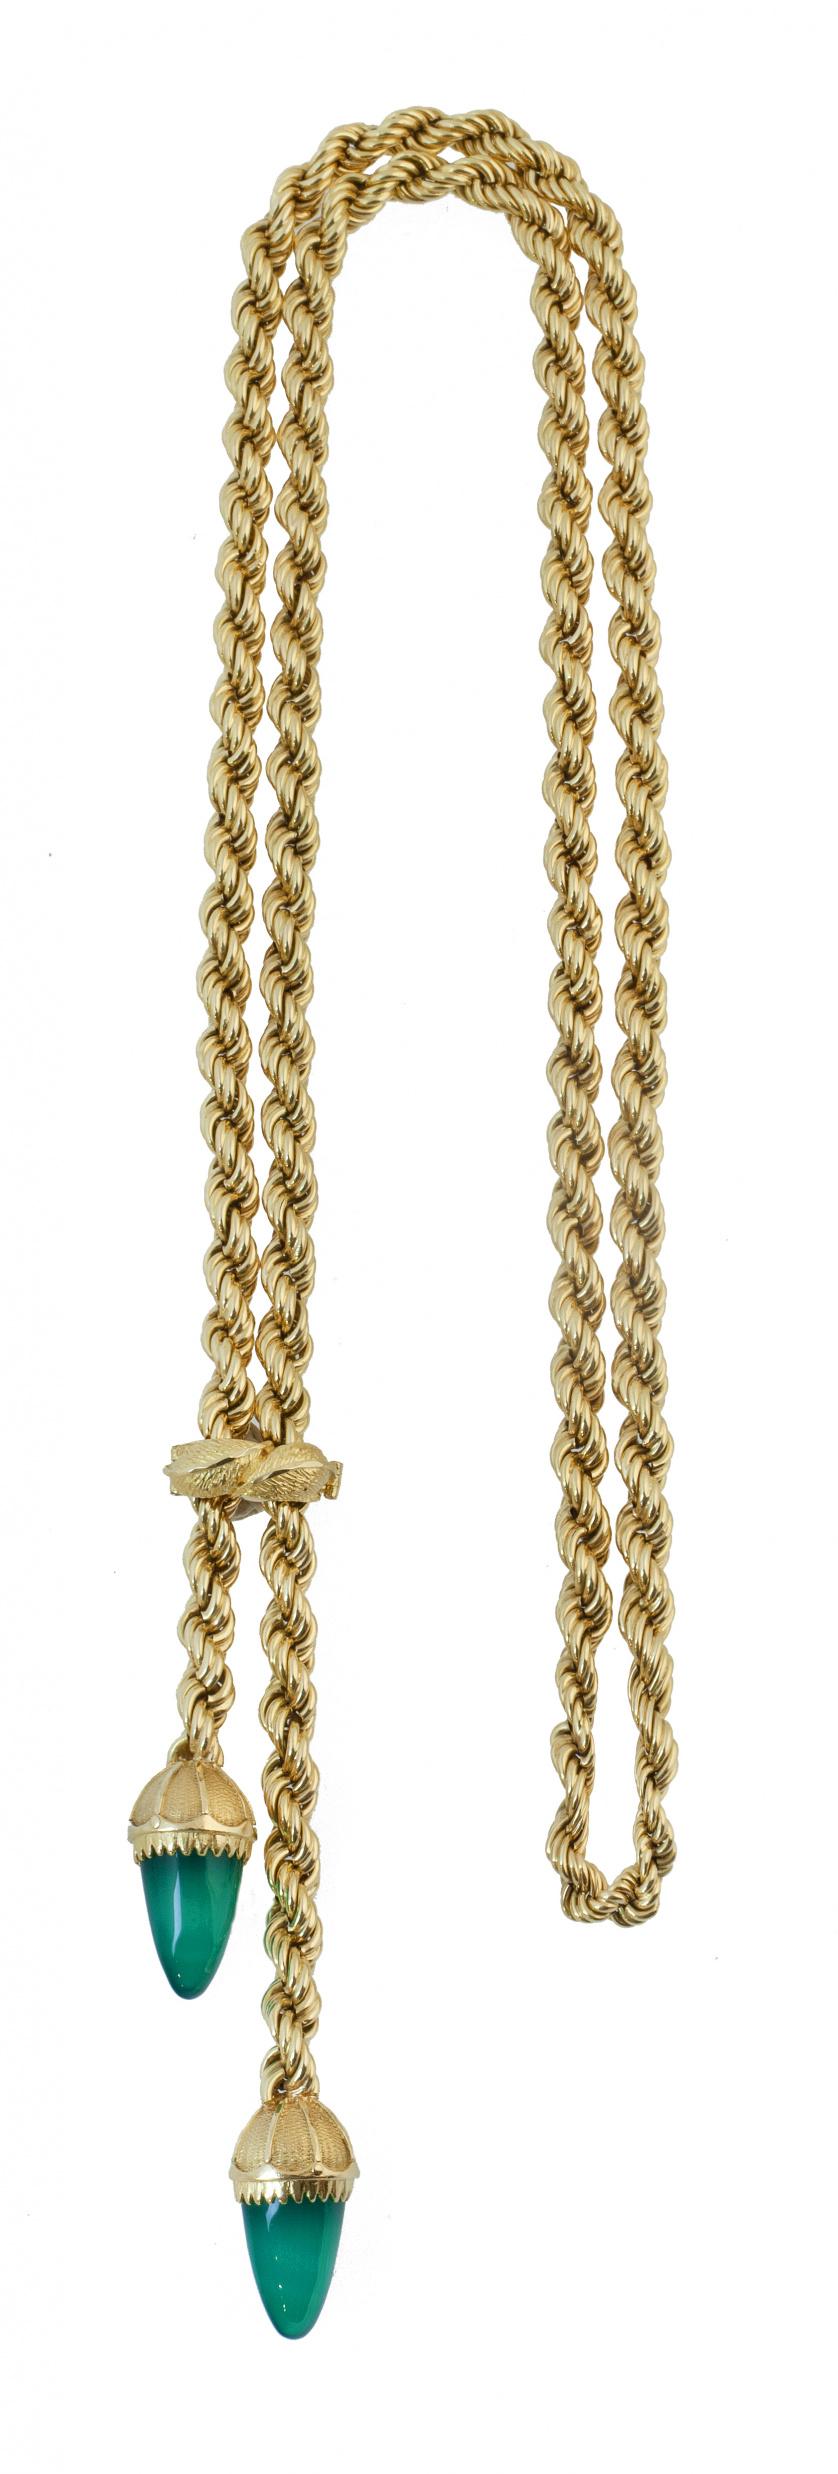 Collar años 50 de gran cordón rizado de oro, con borlones c